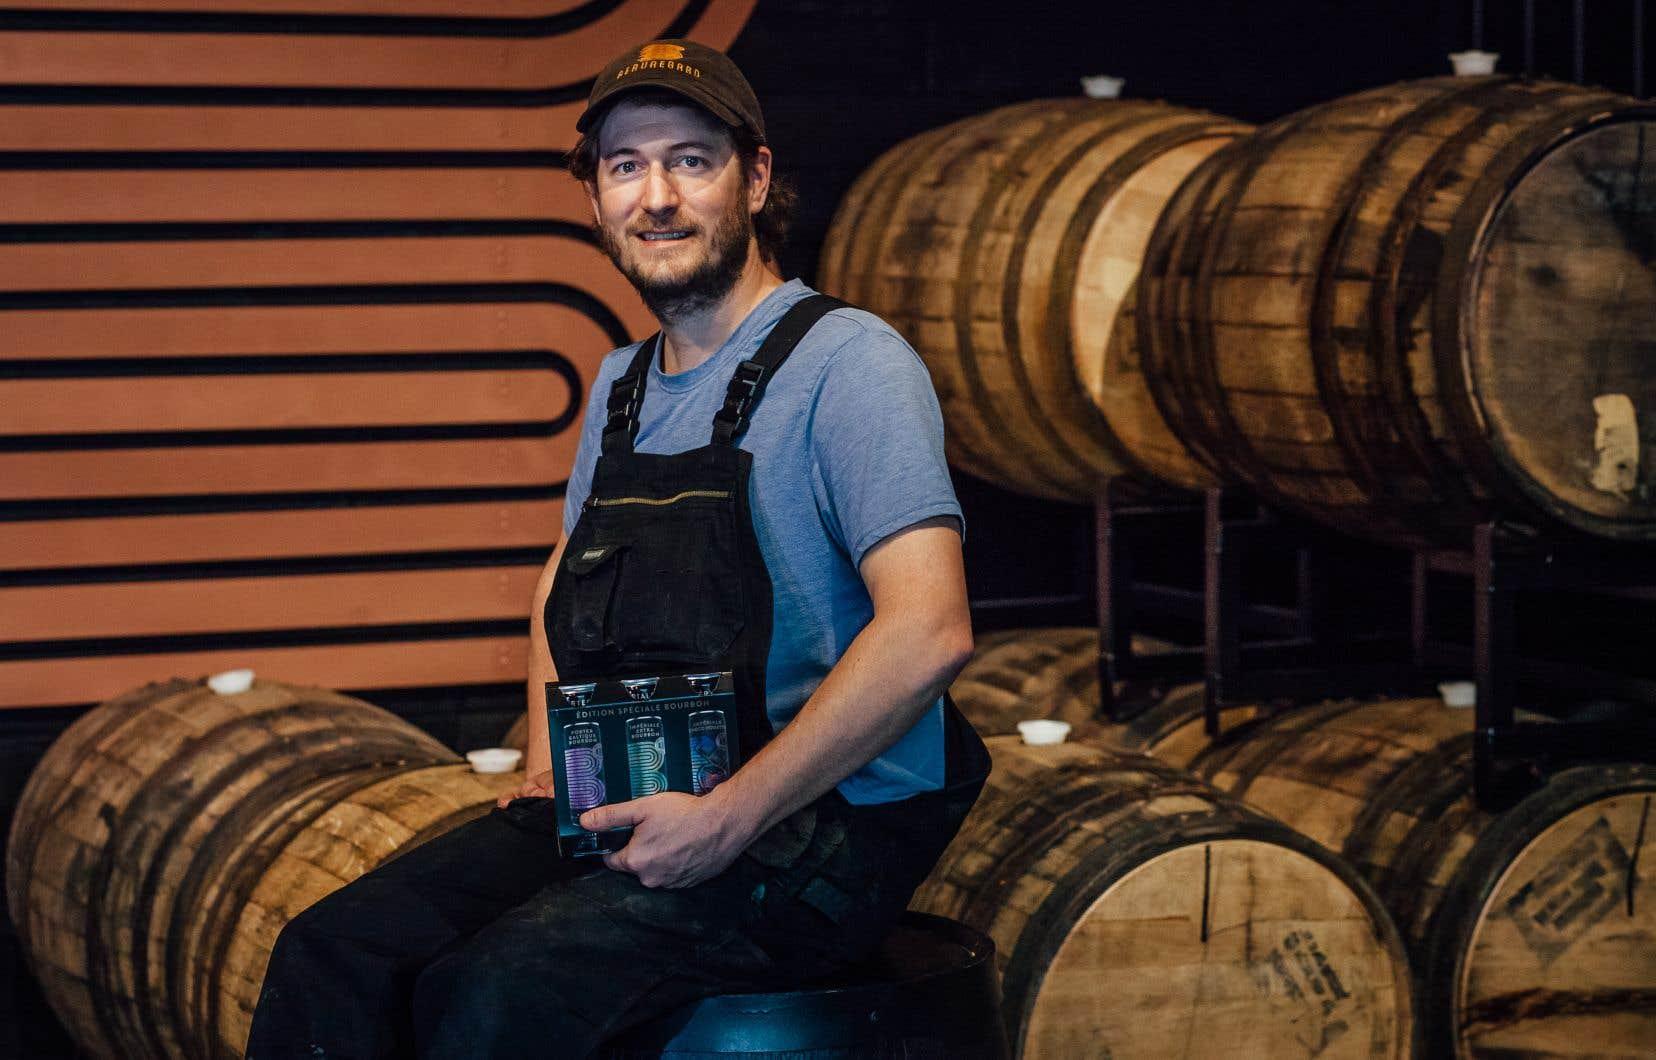 Beauregard – Brasserie distillerie, rue Dandurand, ne brasse que des bières noires, surtout des stouts et des porters, «des styles de bières qu'on aime boire», affirme Sébastien Coutu, distillateur, chef de production et cofondateur de l'entreprise.